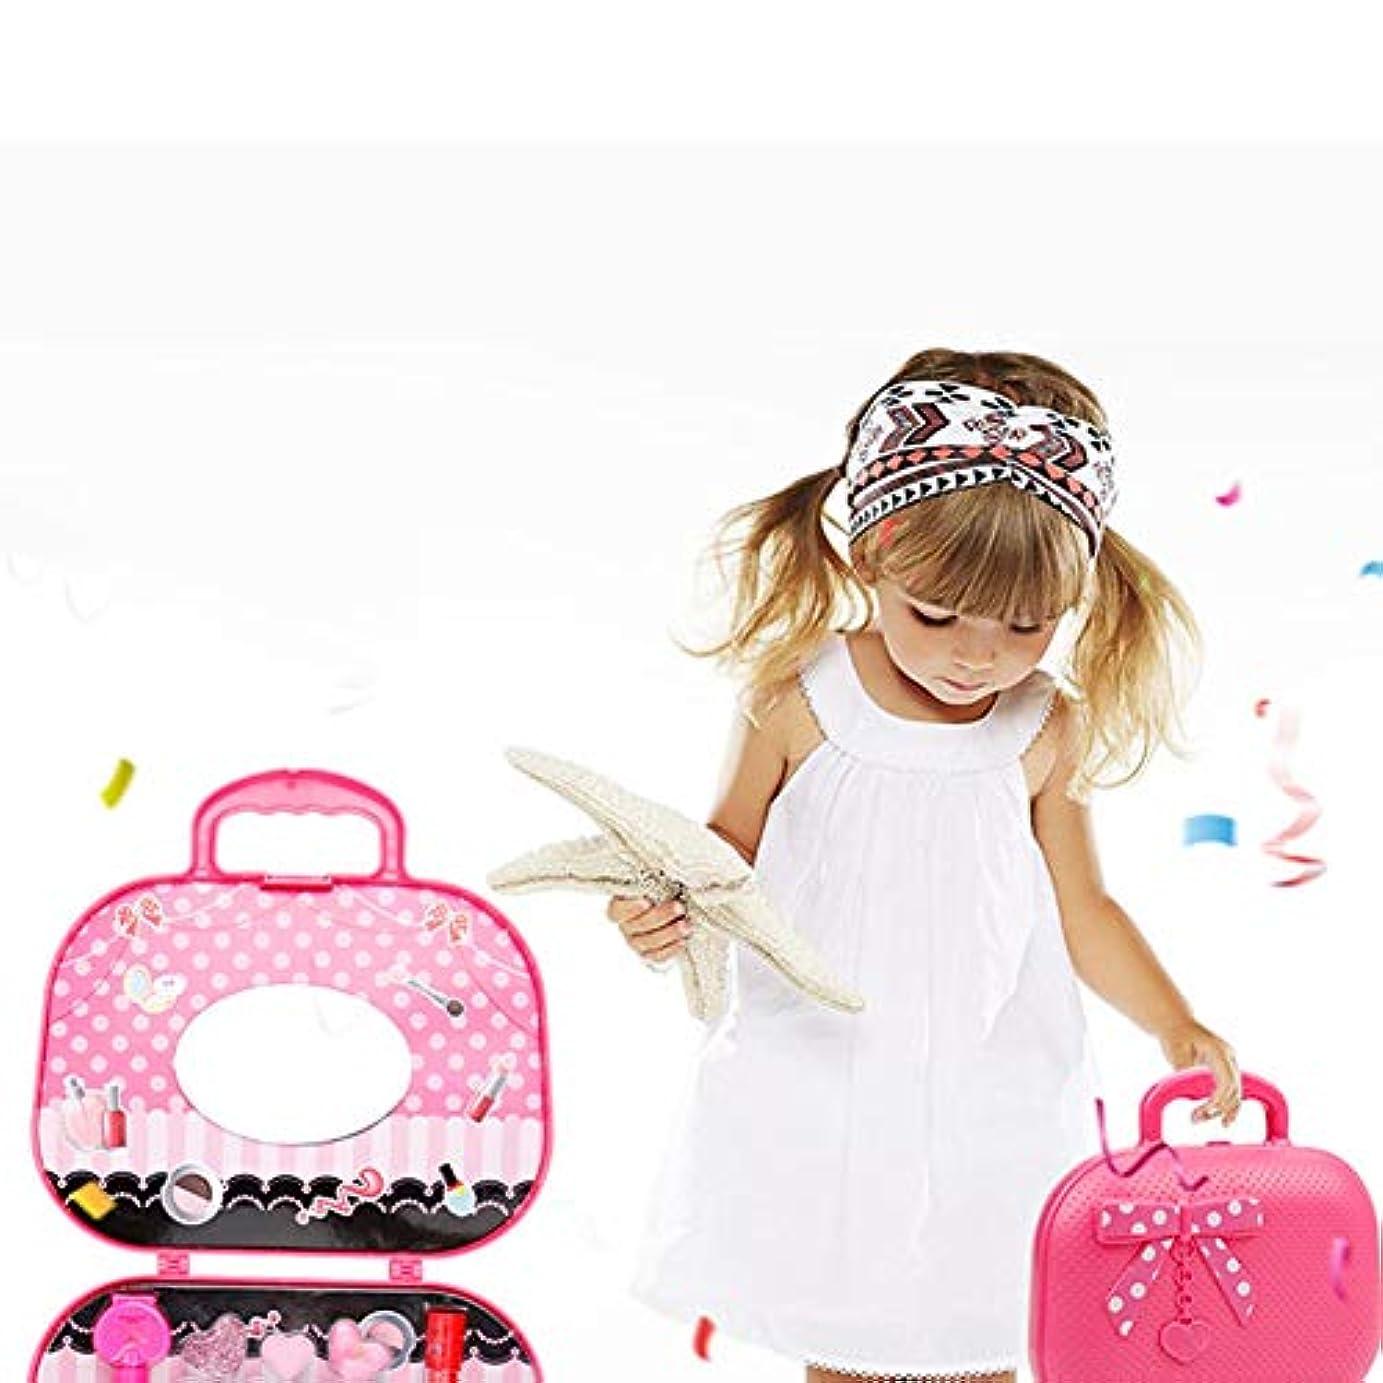 かわいいプリンセスふりメイクセットキッズガールズシミュレーション口紅子供のおもちゃ - ピンク